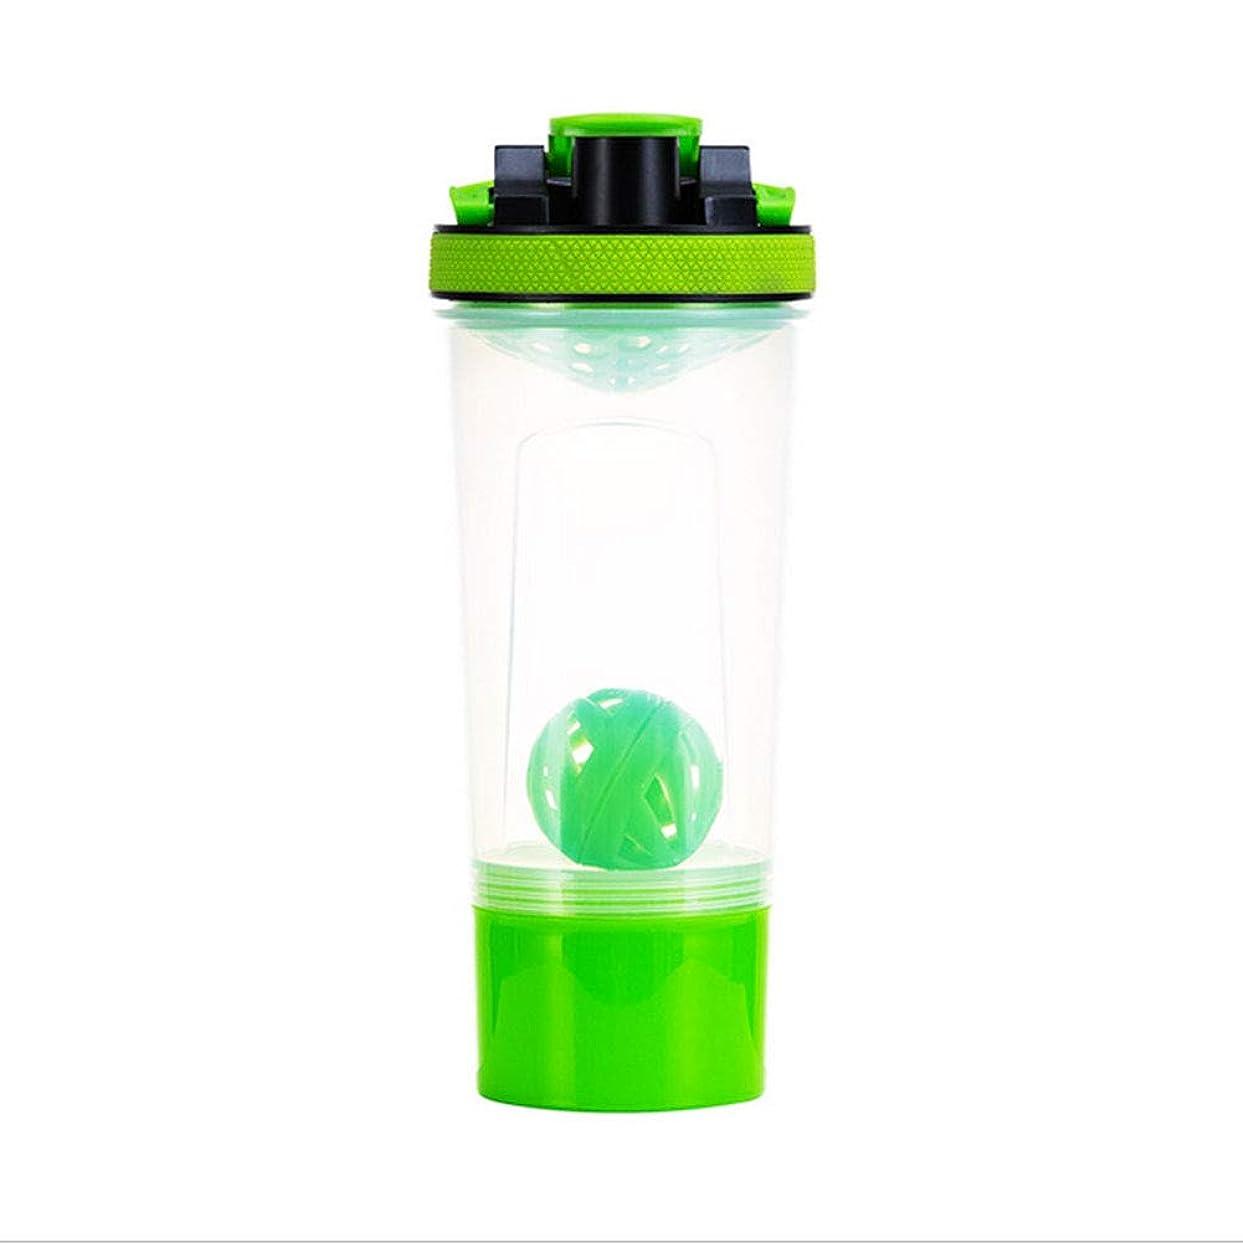 高める骨部分的にQuner プロテインシェイカー ボトル 水筒 700ml シェーカーボトル スポーツボトル 目盛り 3層 プラスチック フィットネス ダイエット コンテナ付き サプリケース